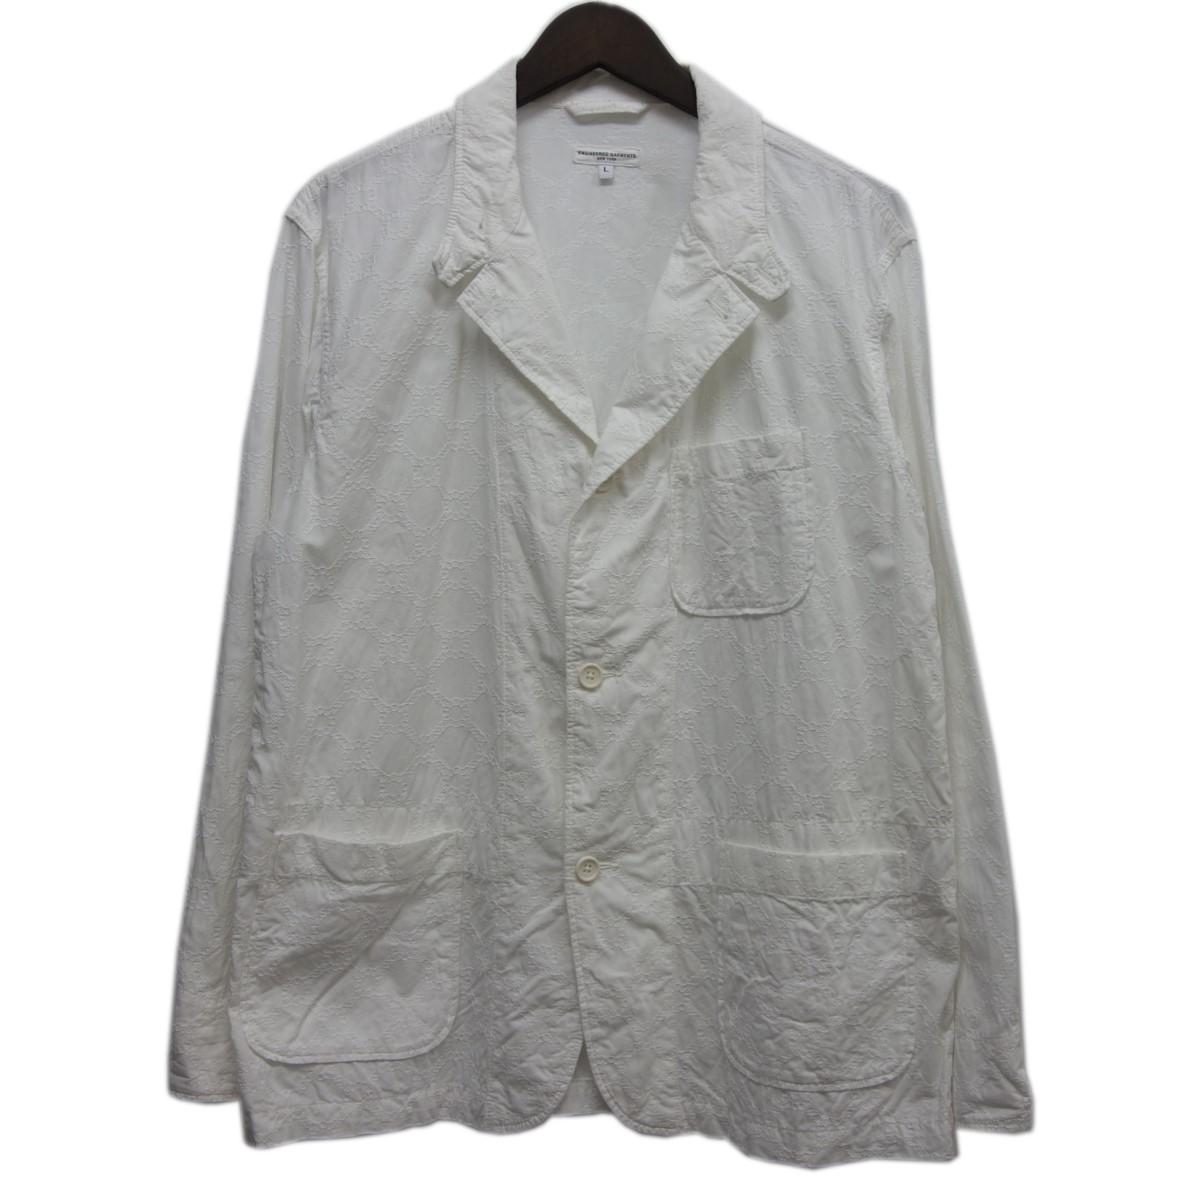 【中古】Engineered Garments 「LOITER JACKET」3Bジャケット ホワイト サイズ:L 【020520】(エンジニアードガーメンツ)